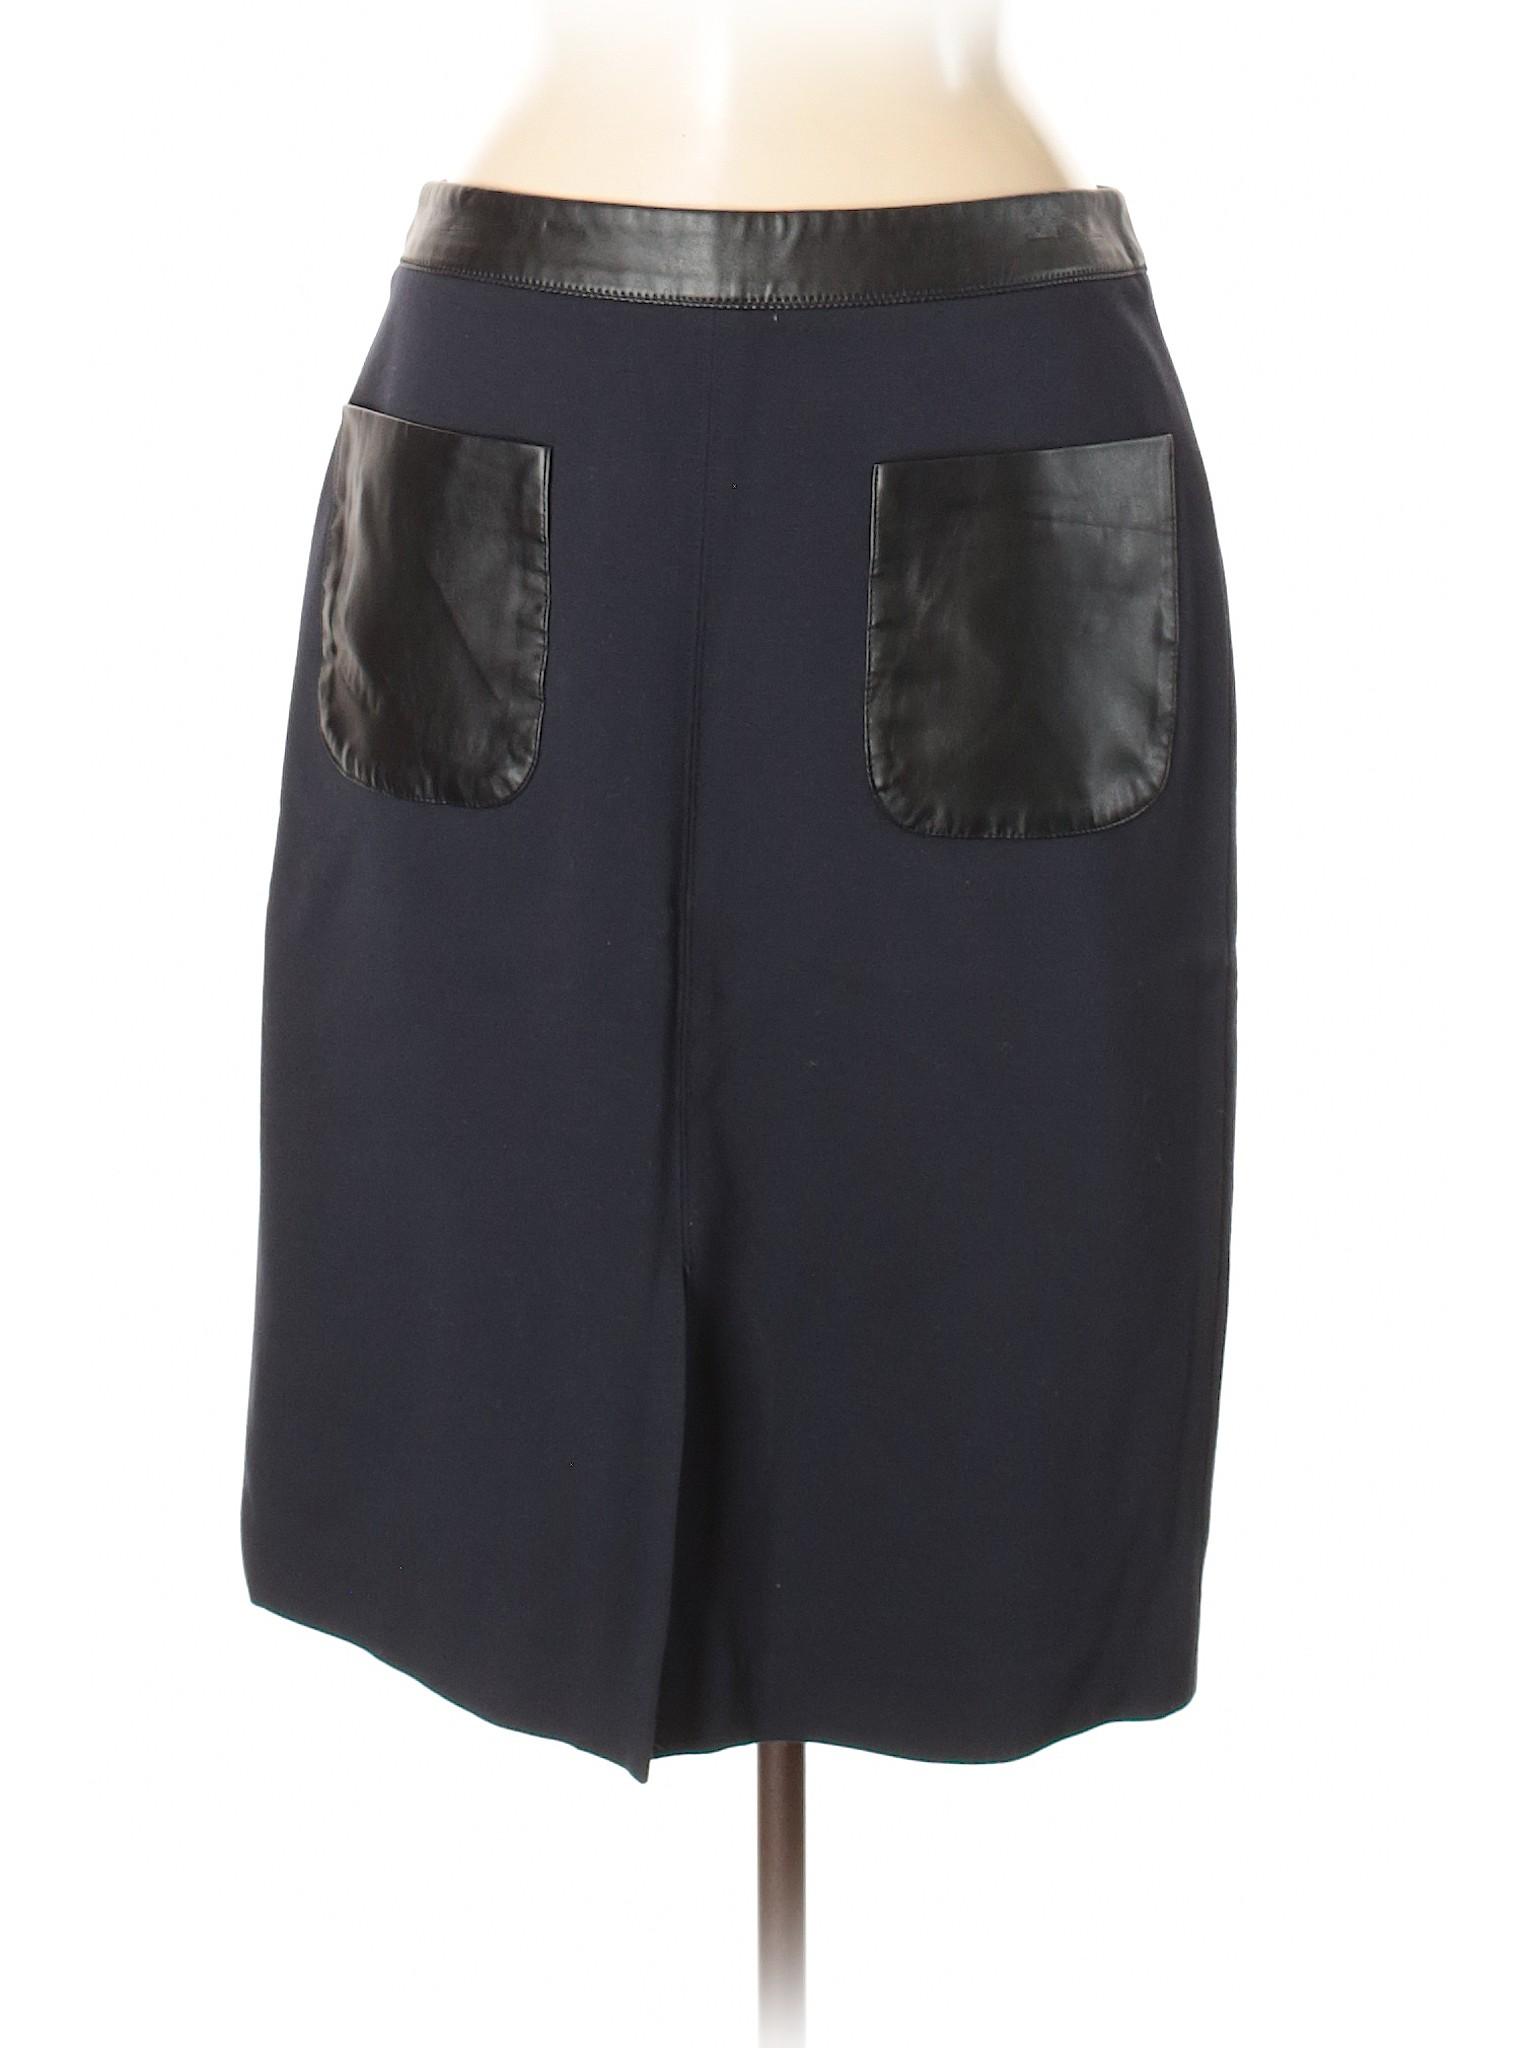 Ann Casual winter Taylor Leisure Skirt 4w5qxSU